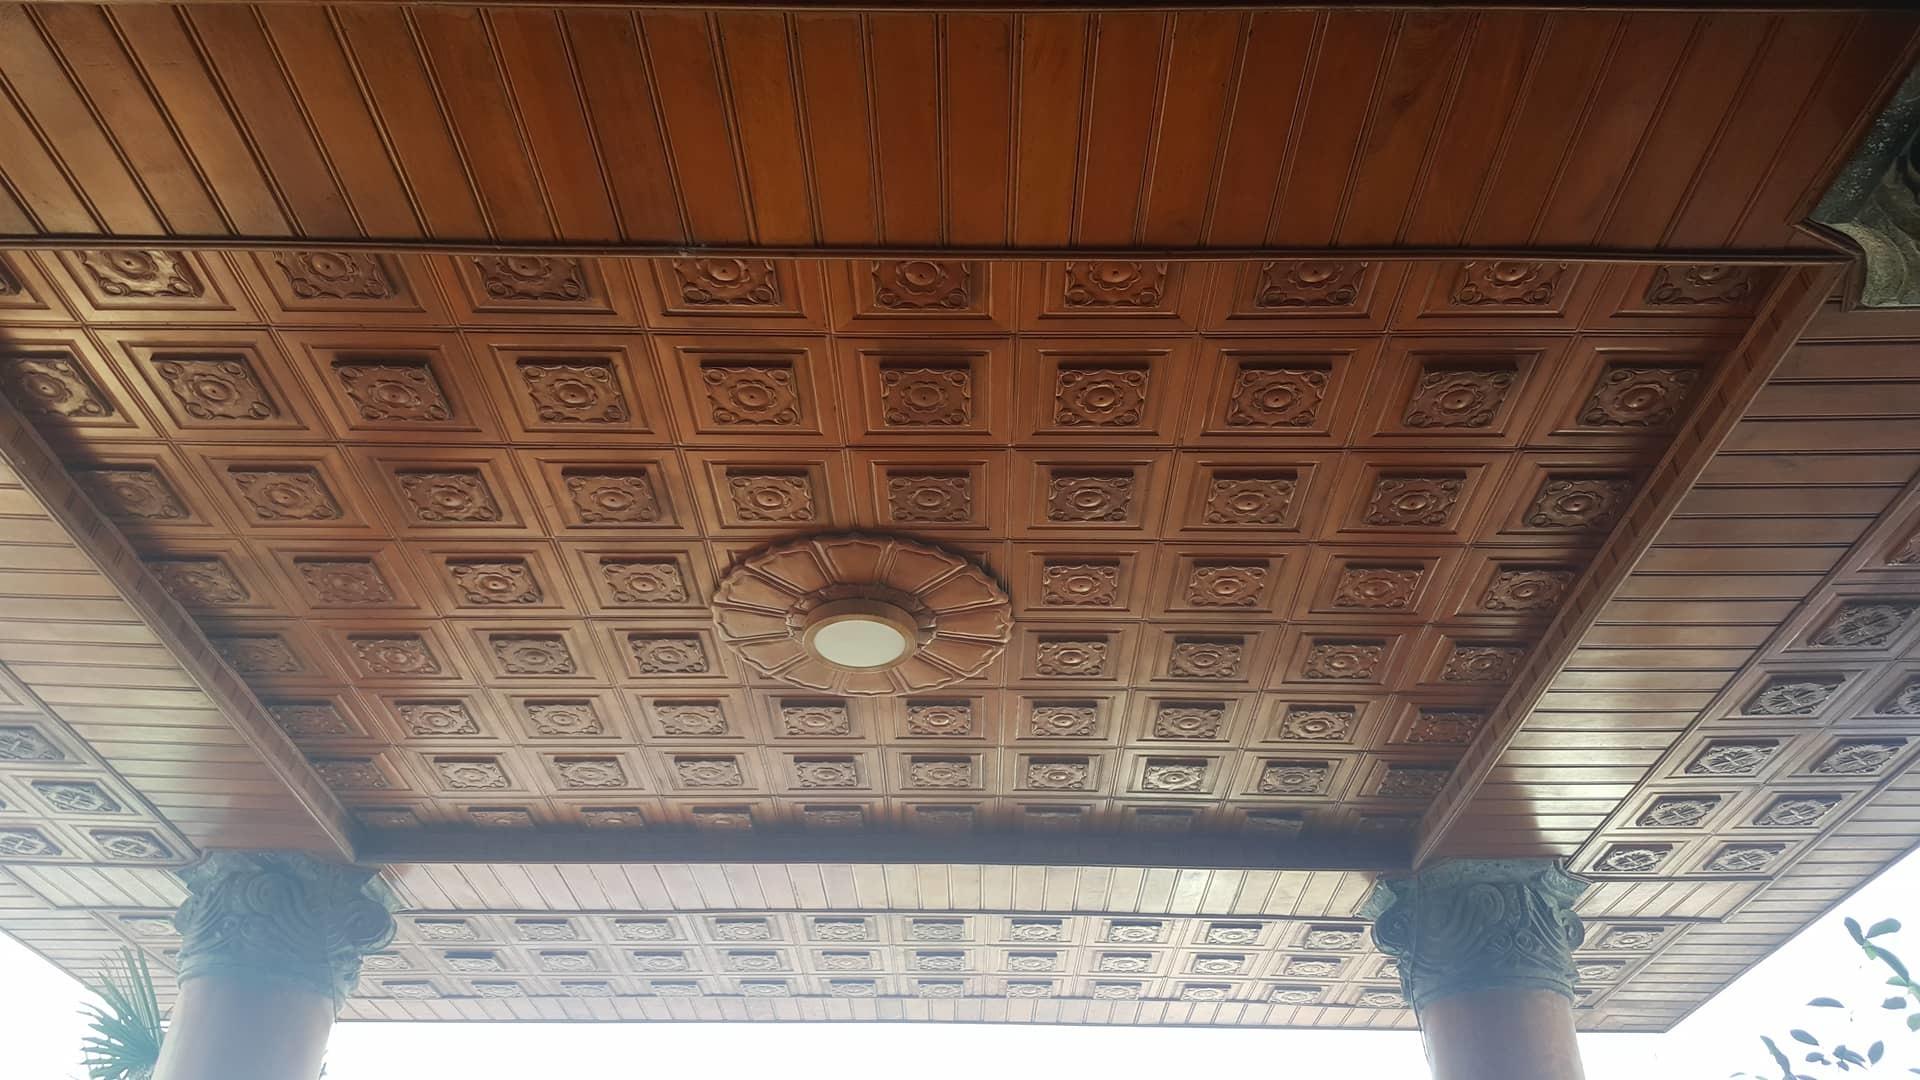 Bất ngờ trước ngôi nhà bằng gỗ lim của 'đại gia chân đất' Hải Phòng